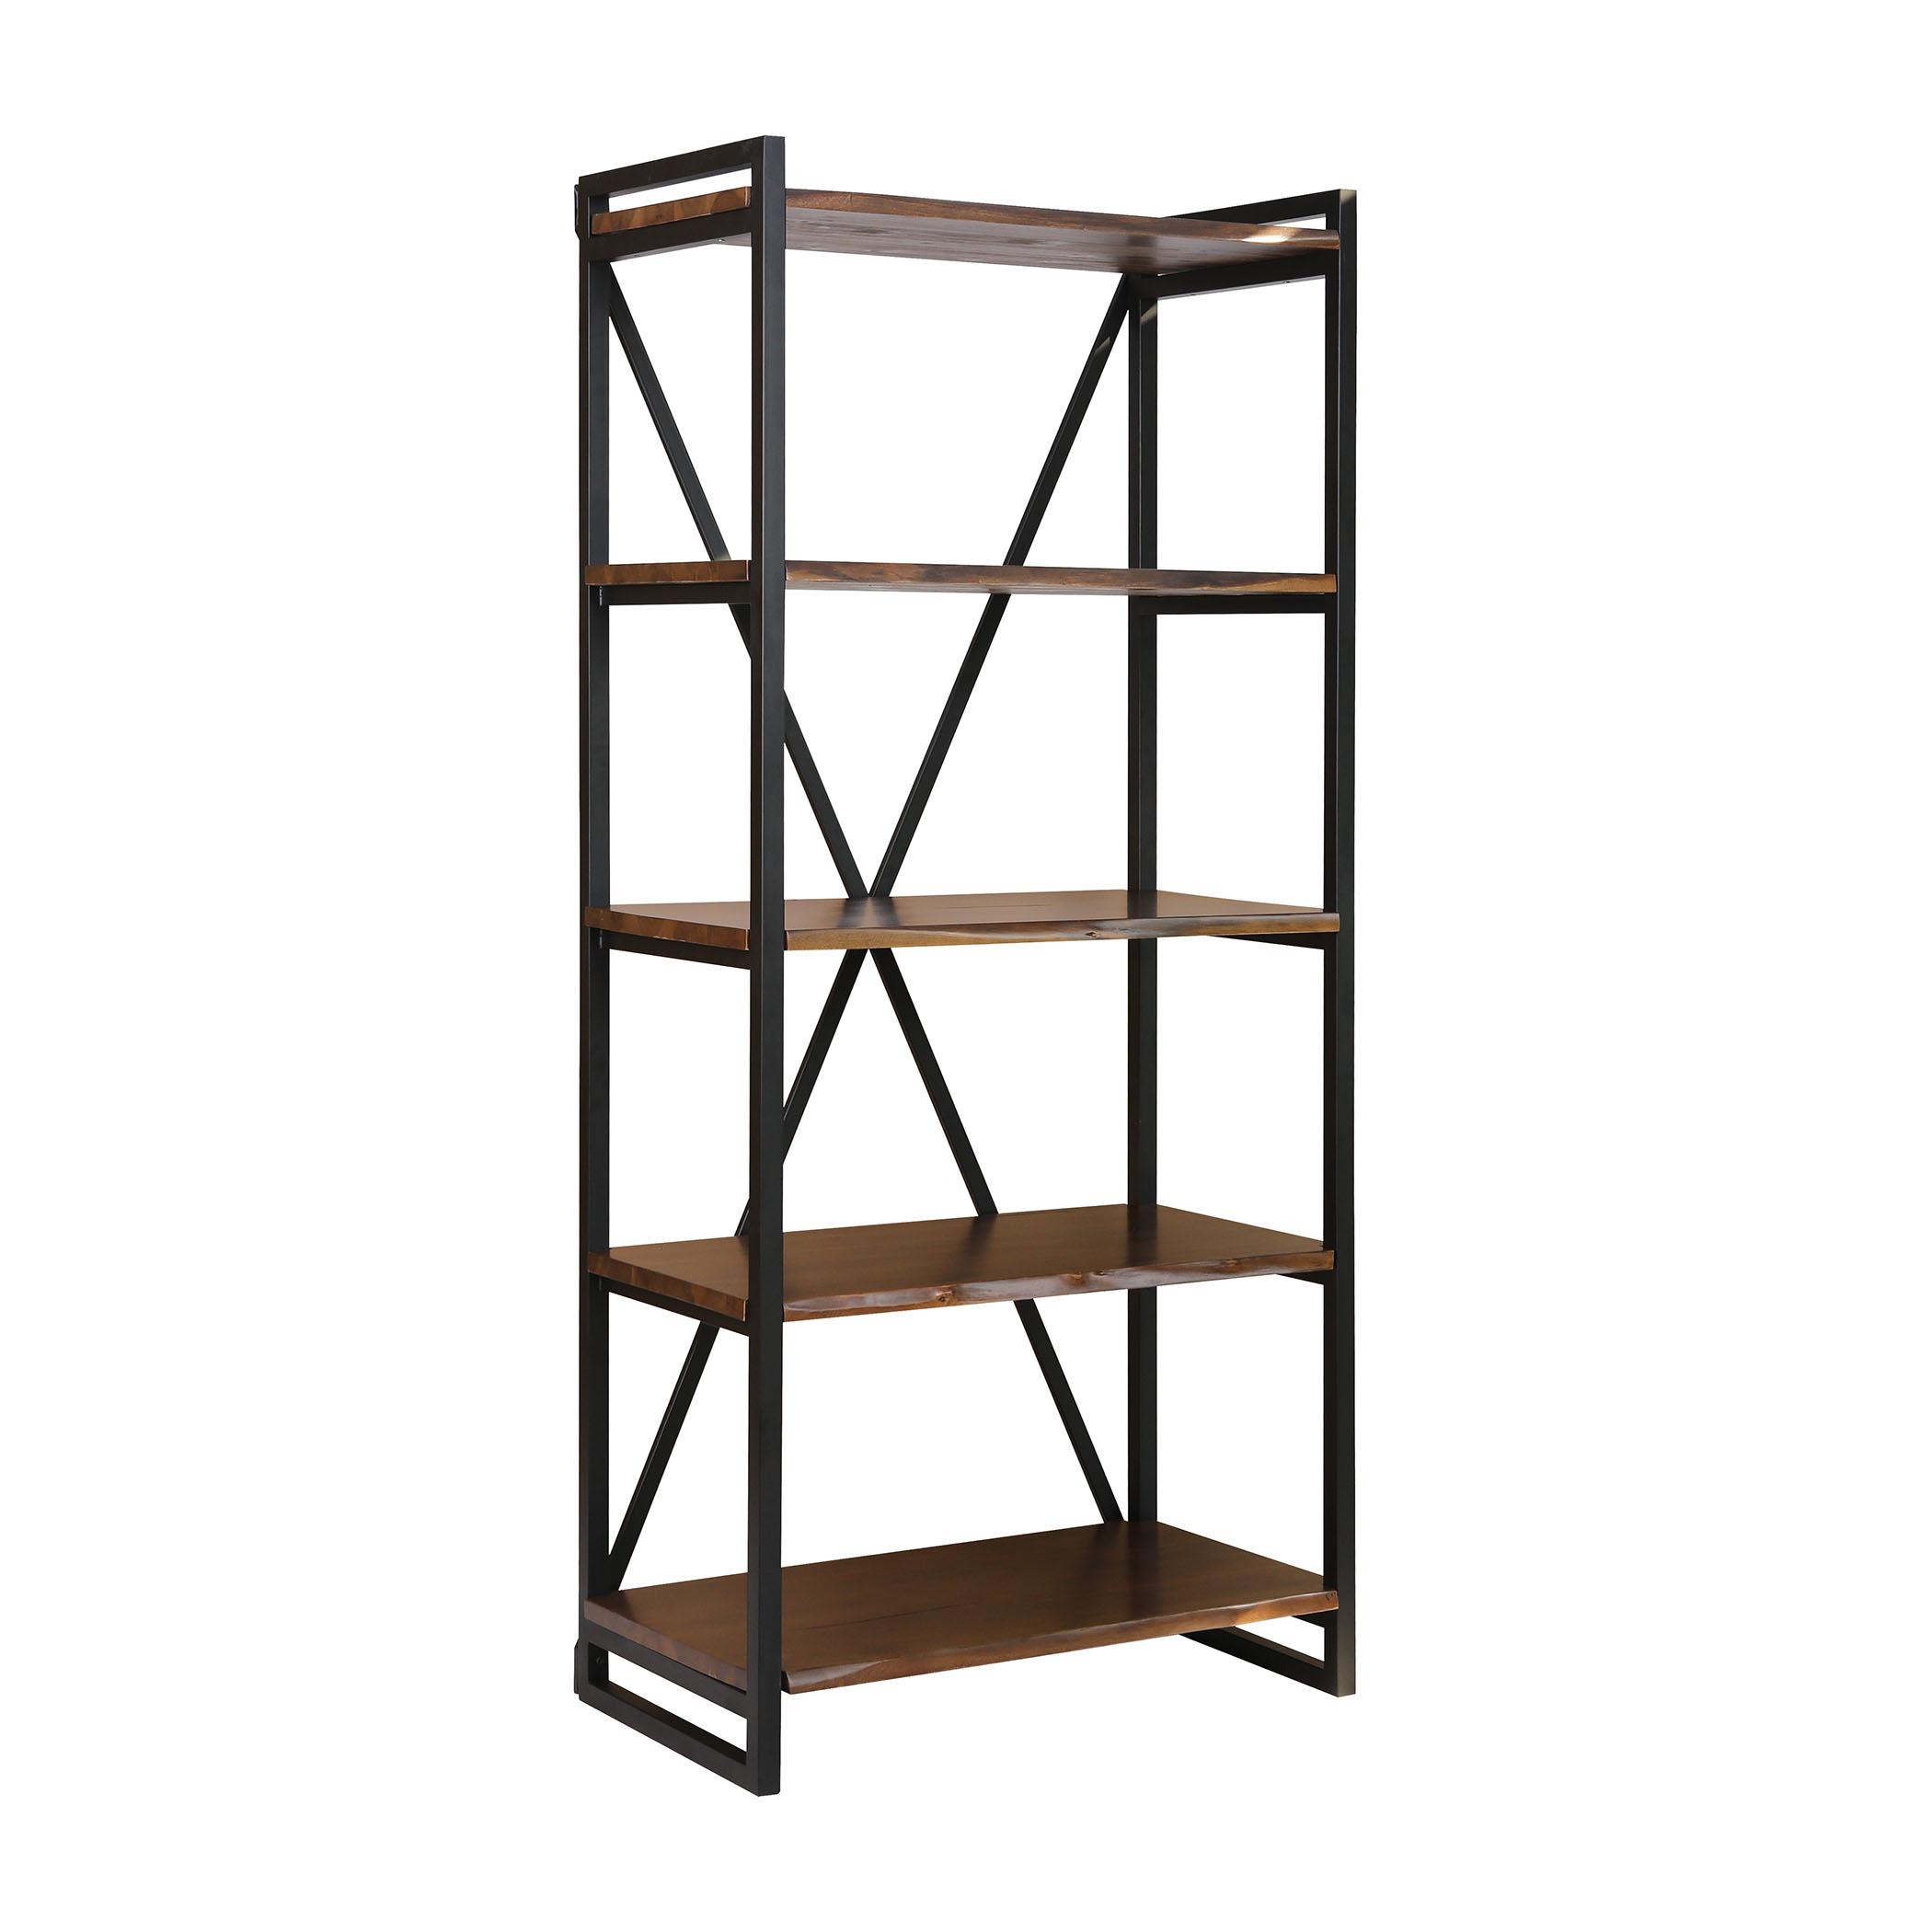 South Loop Bookshelves 76339 | ELK Home